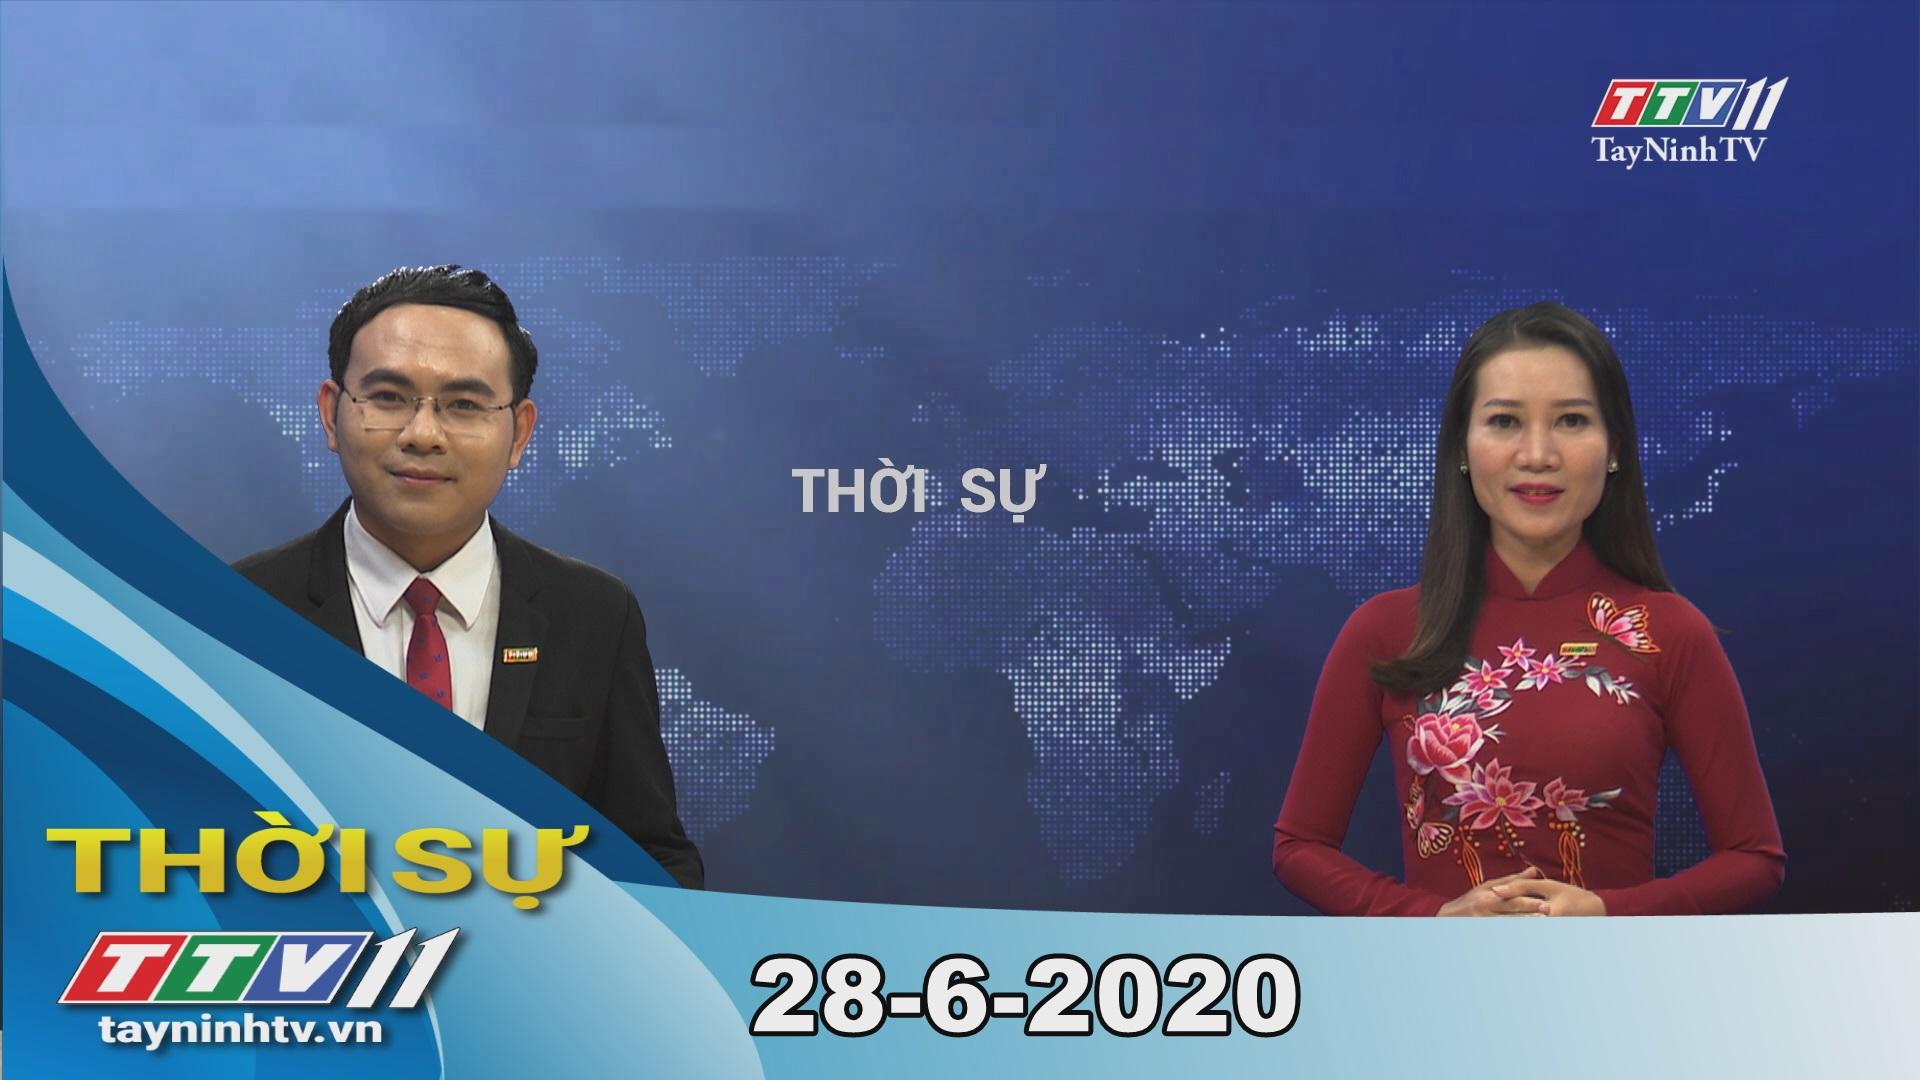 Thời sự Tây Ninh 28-6-2020 | Tin tức hôm nay | TayNinhTV